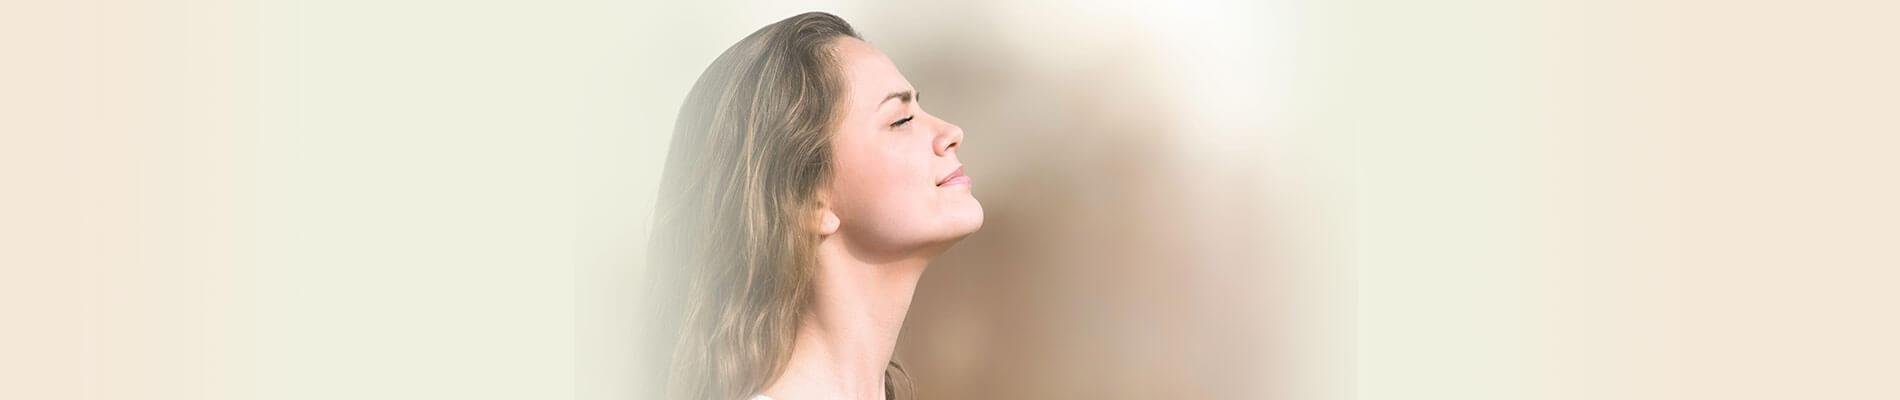 Erkrankung der Atemwege